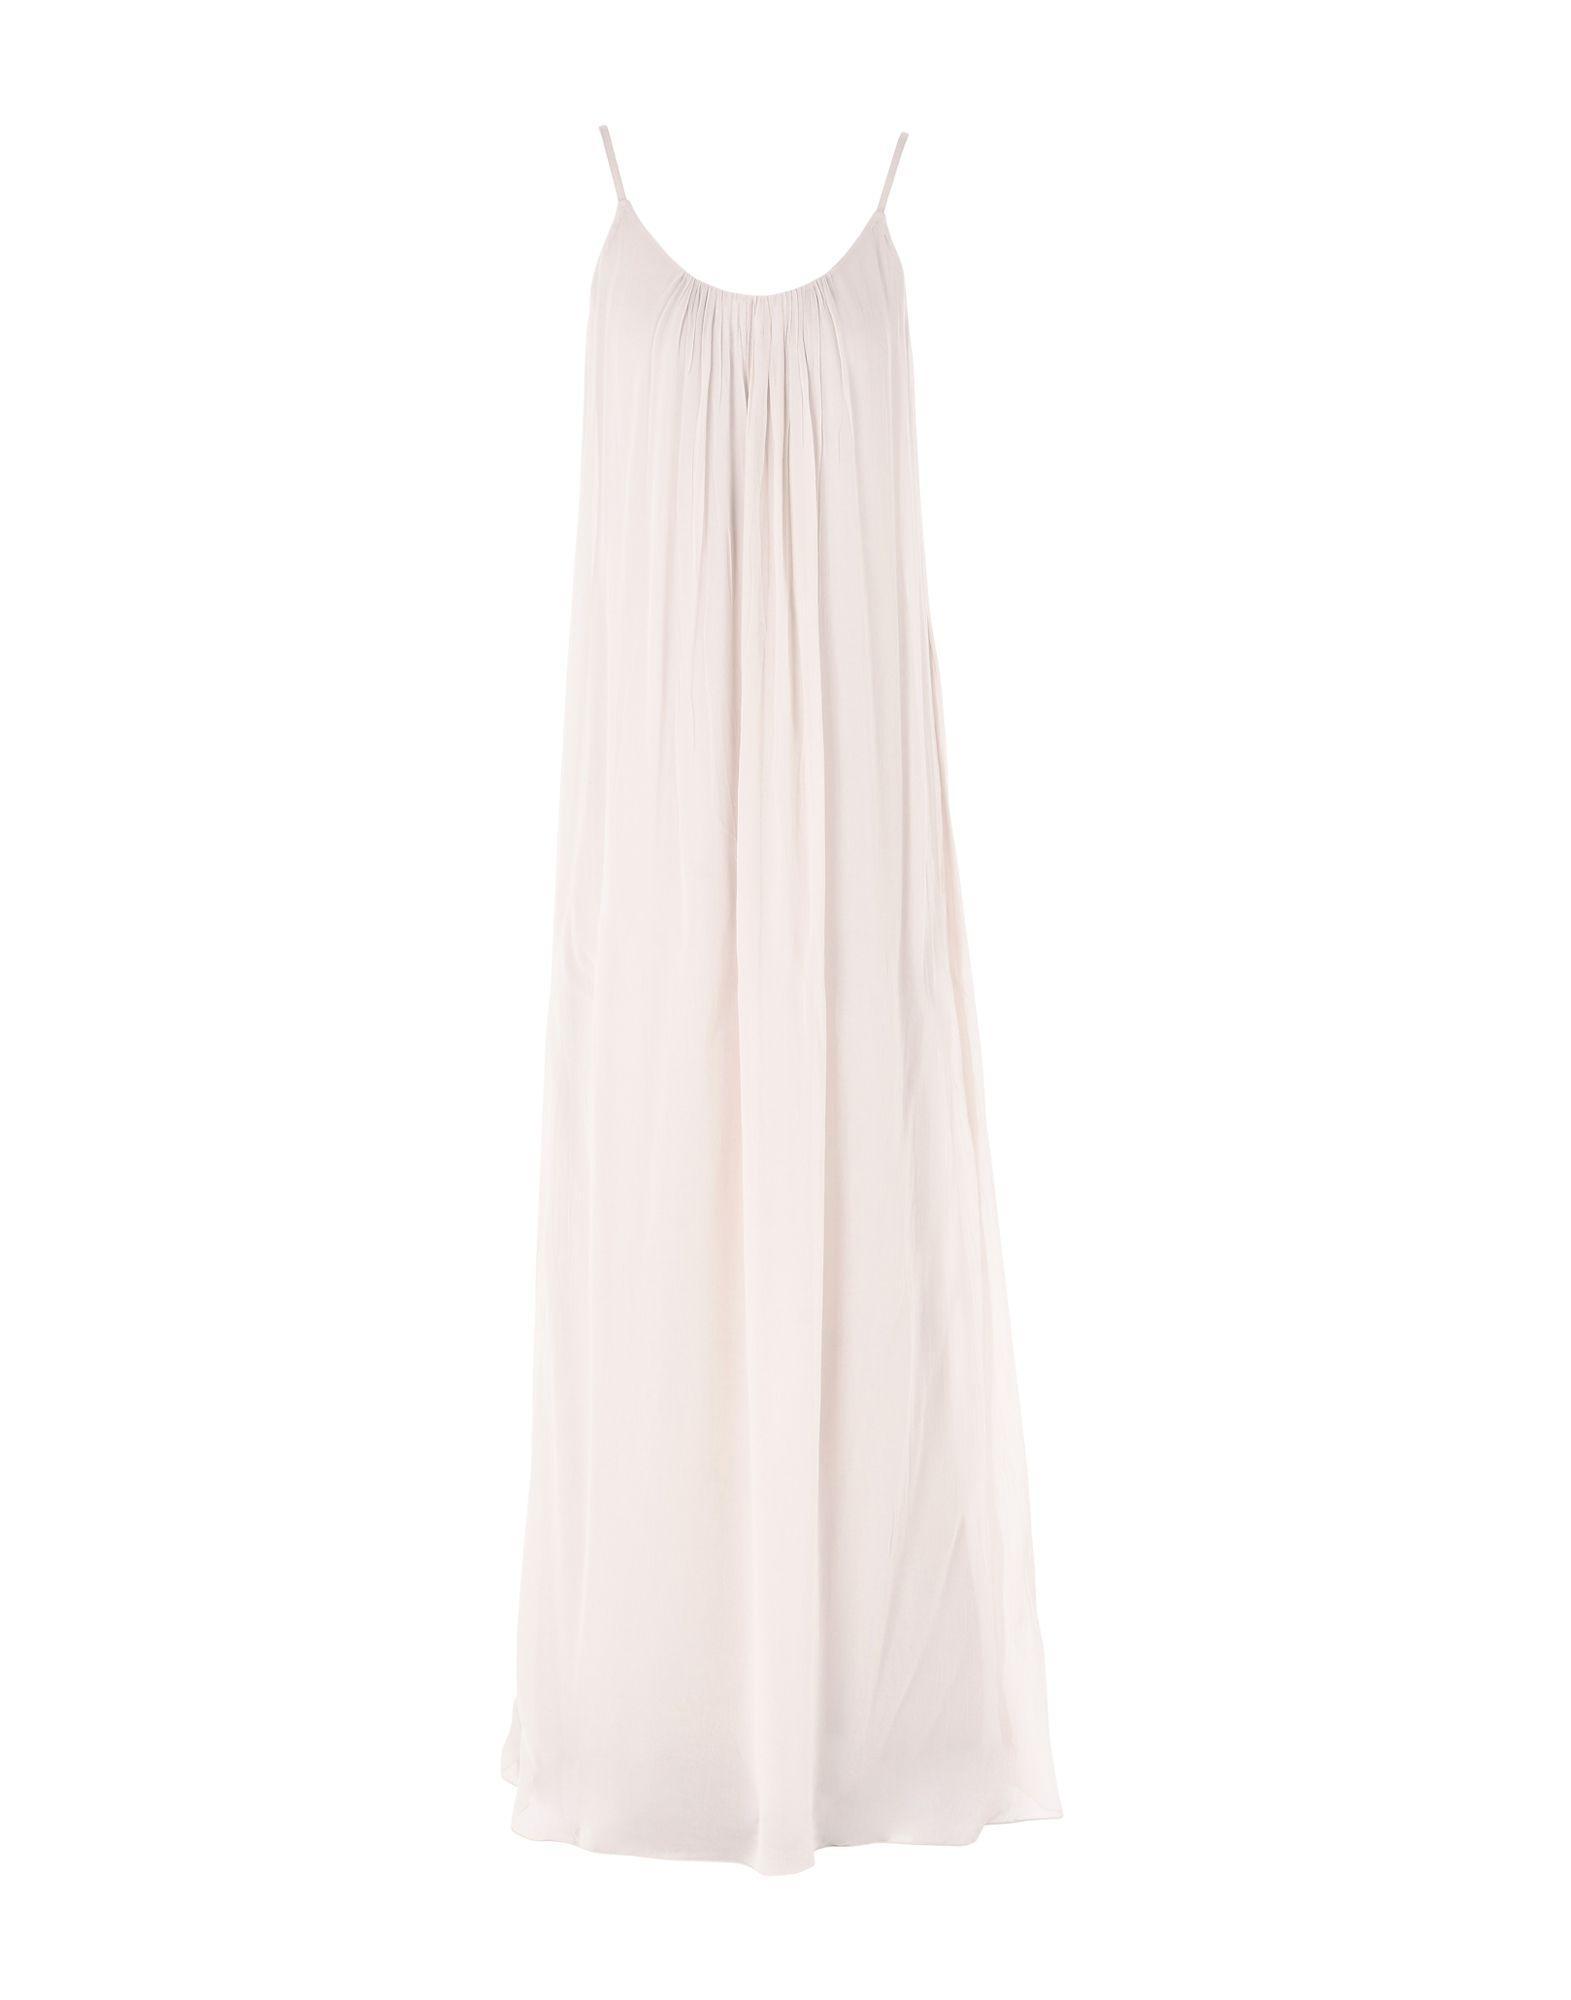 Iris & Ink Long Dress In Light Grey